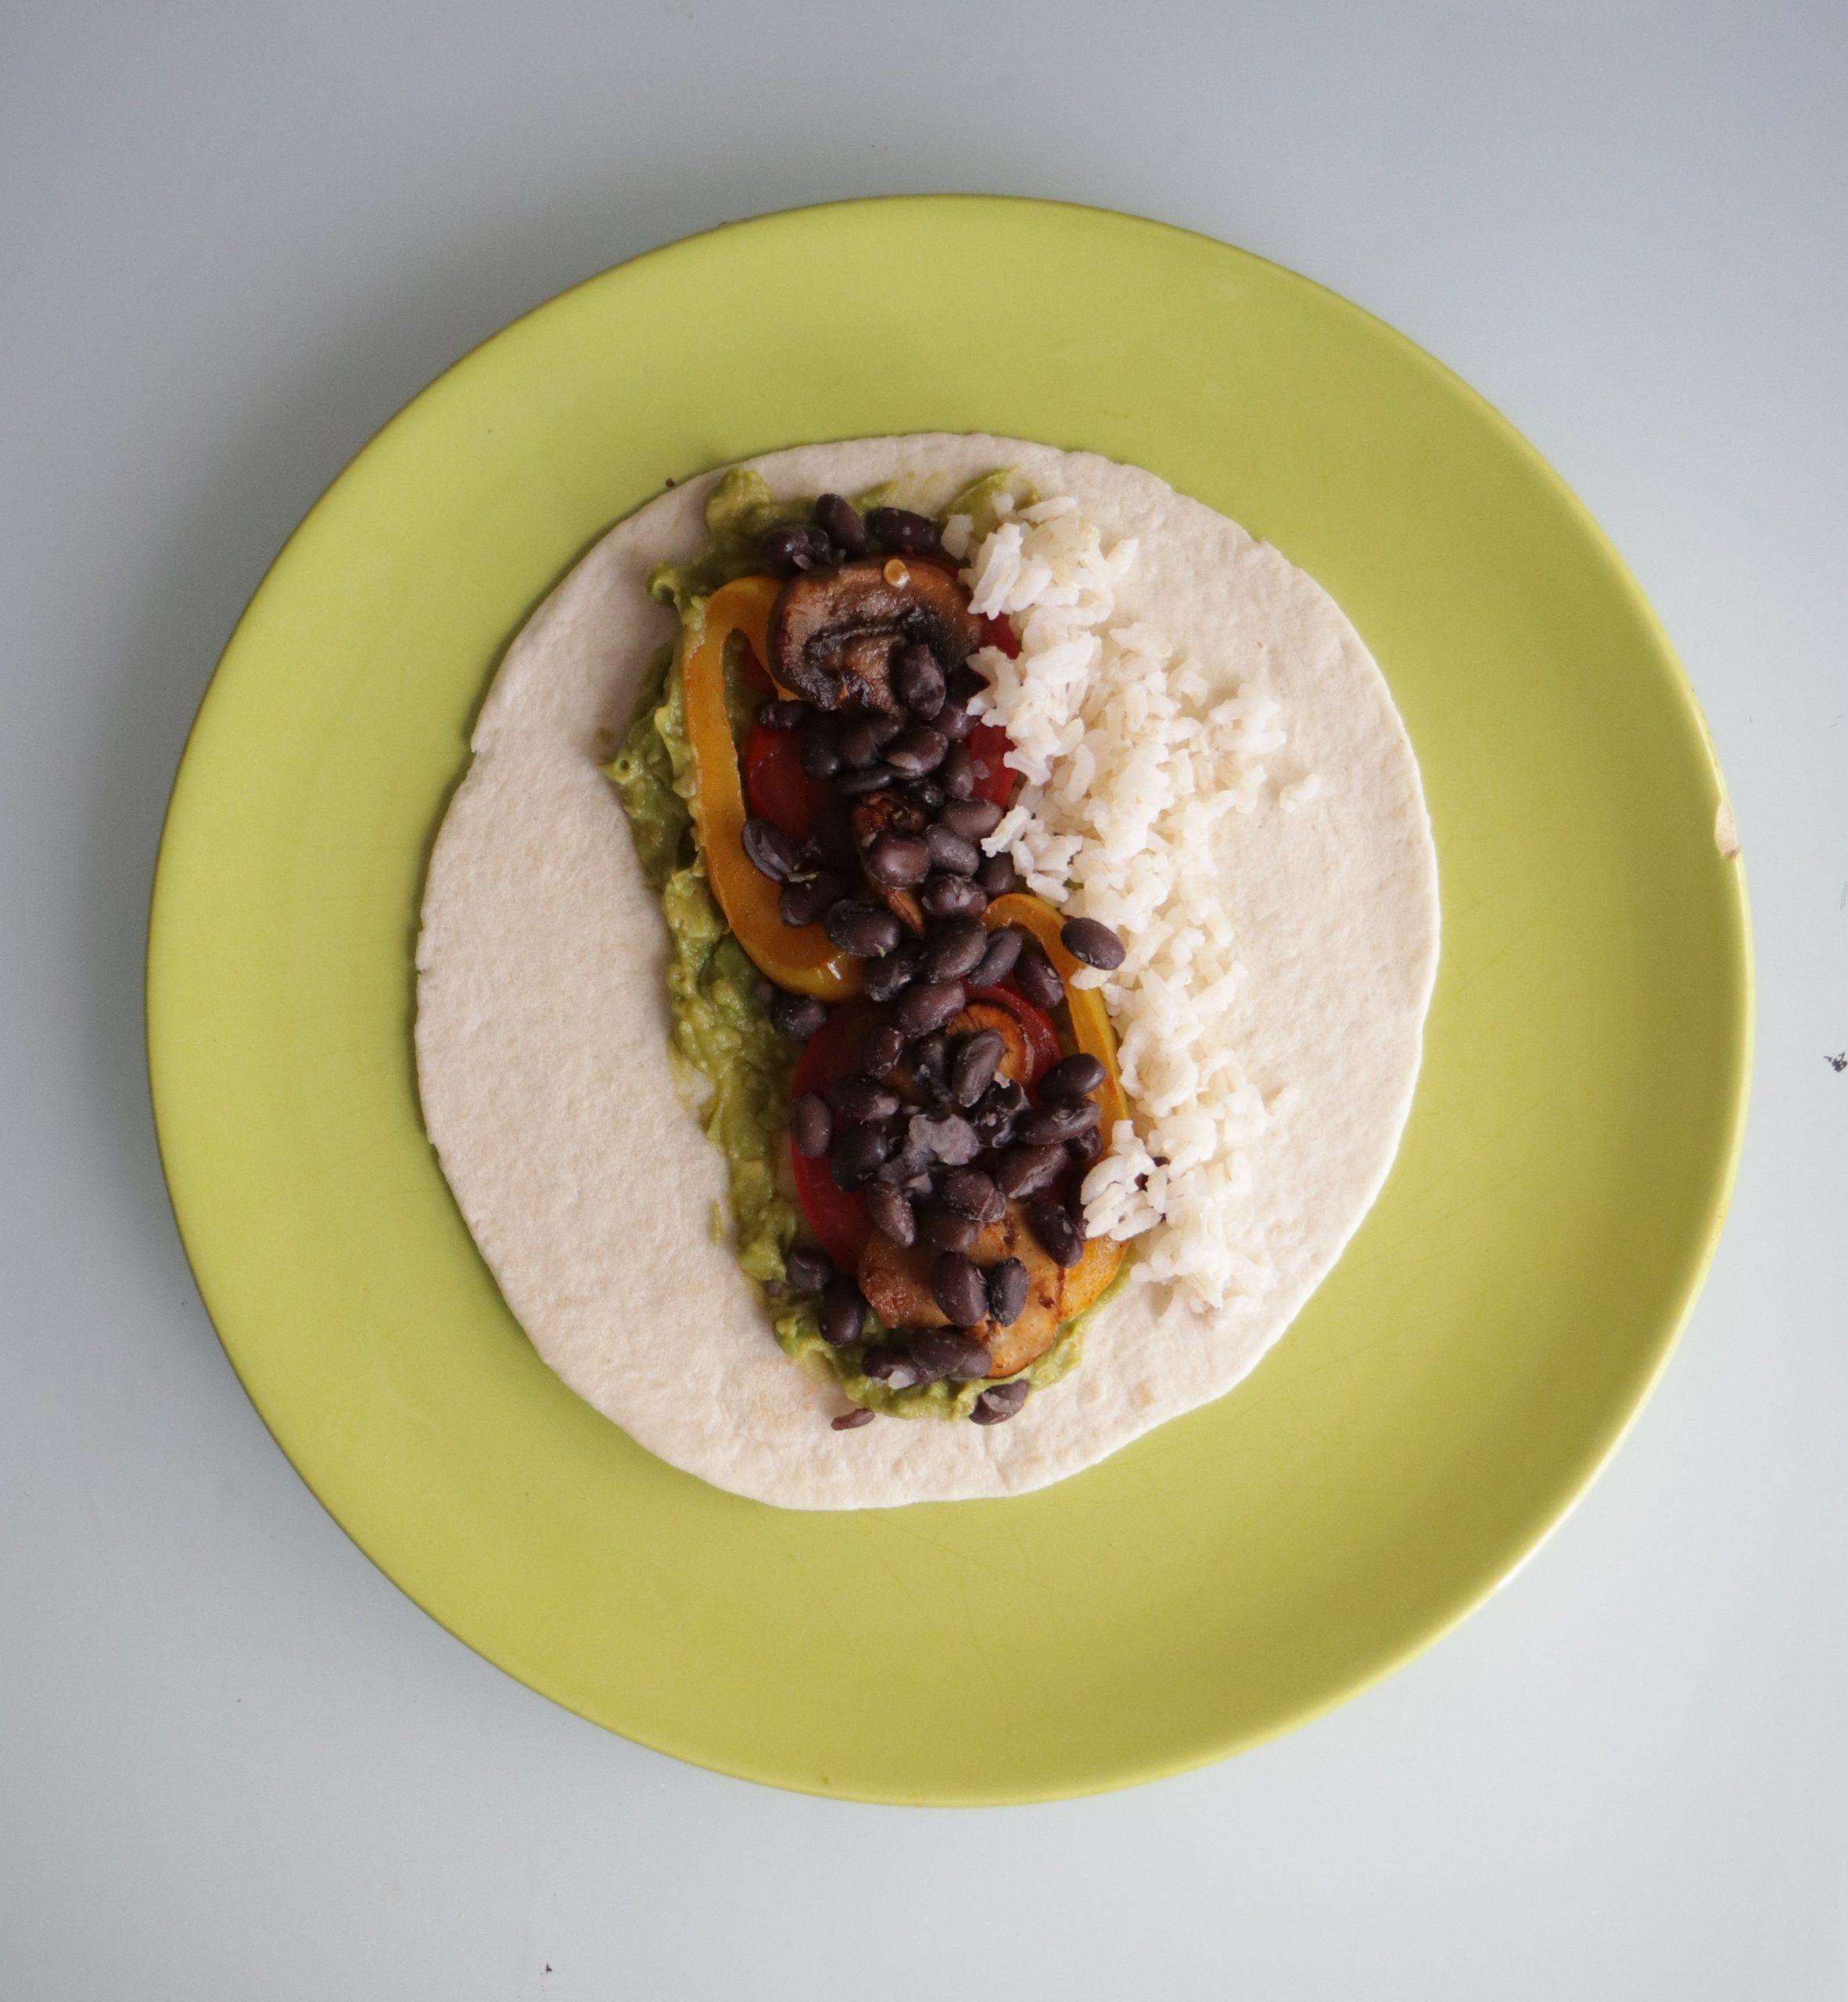 Burrito aux haricots noirs garni et ouvert